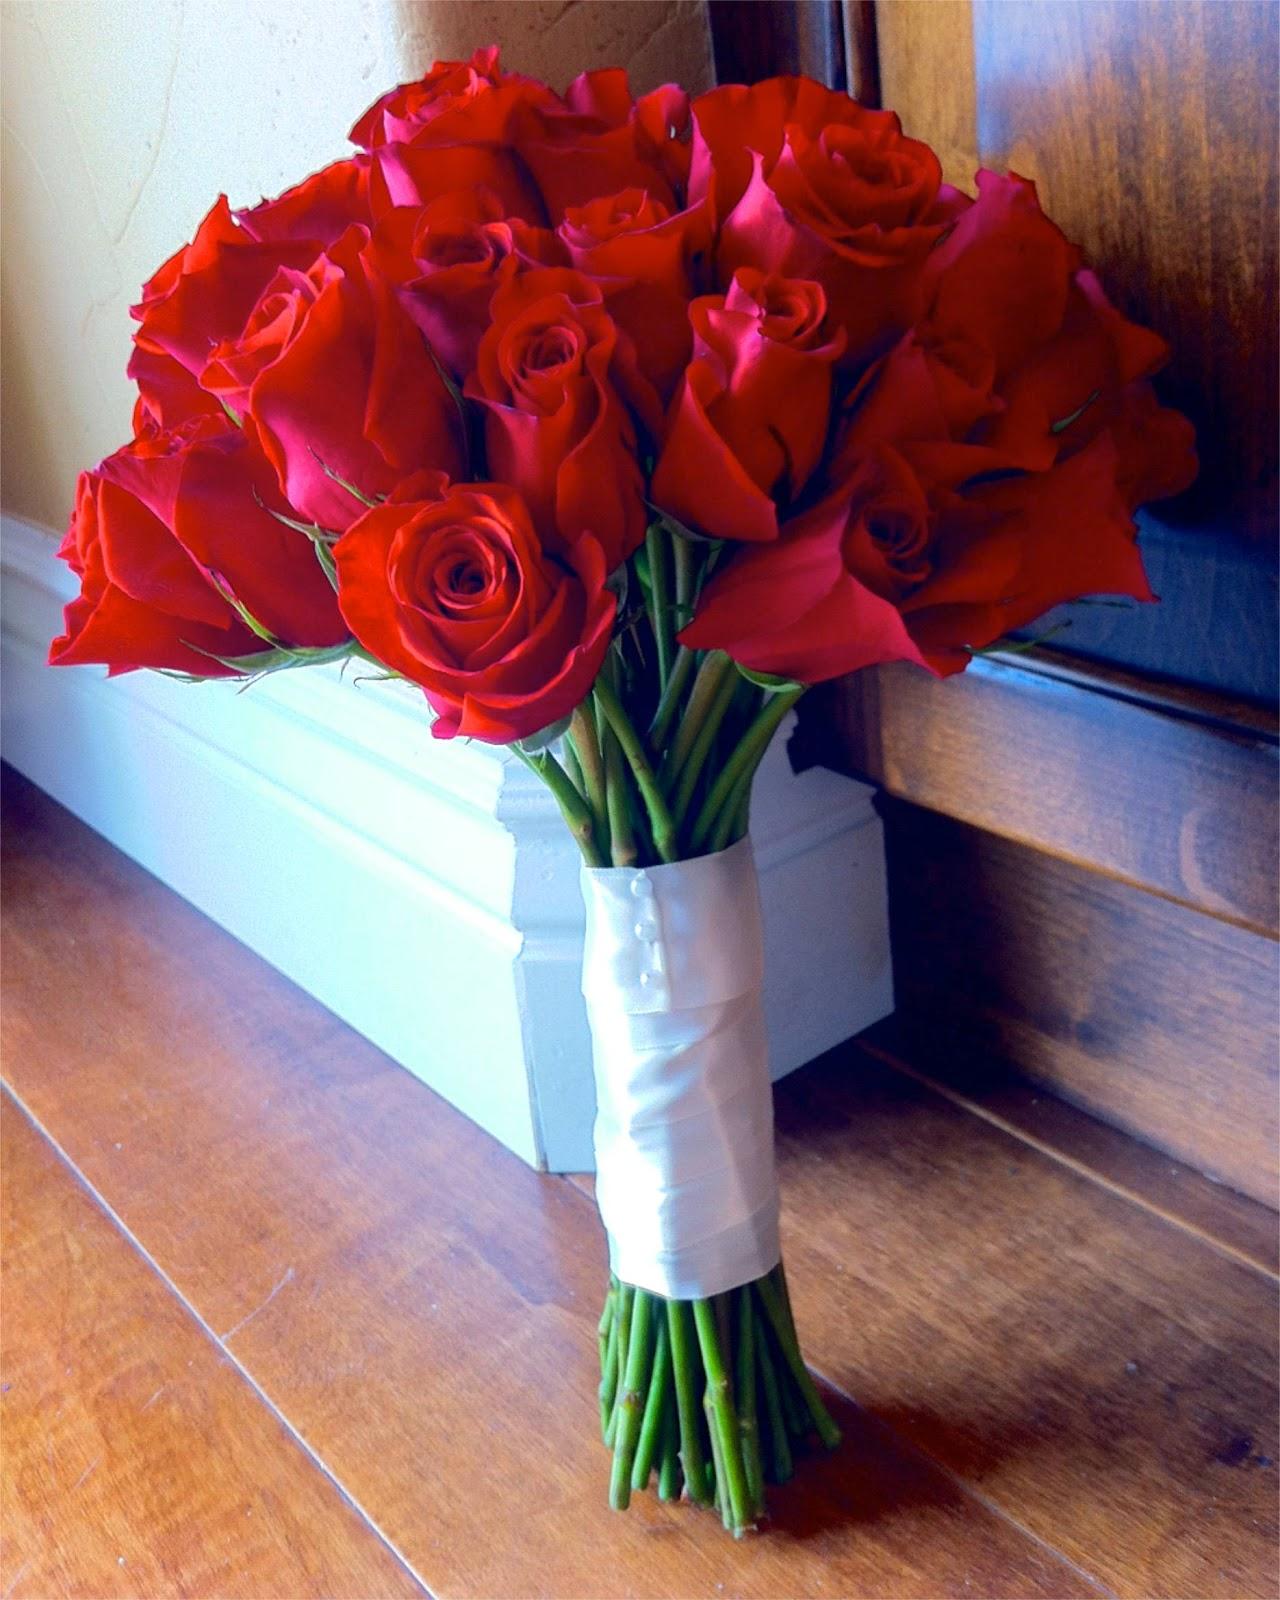 Red Rose Wedding Flowers: The Flower Girl Blog: Red Roses